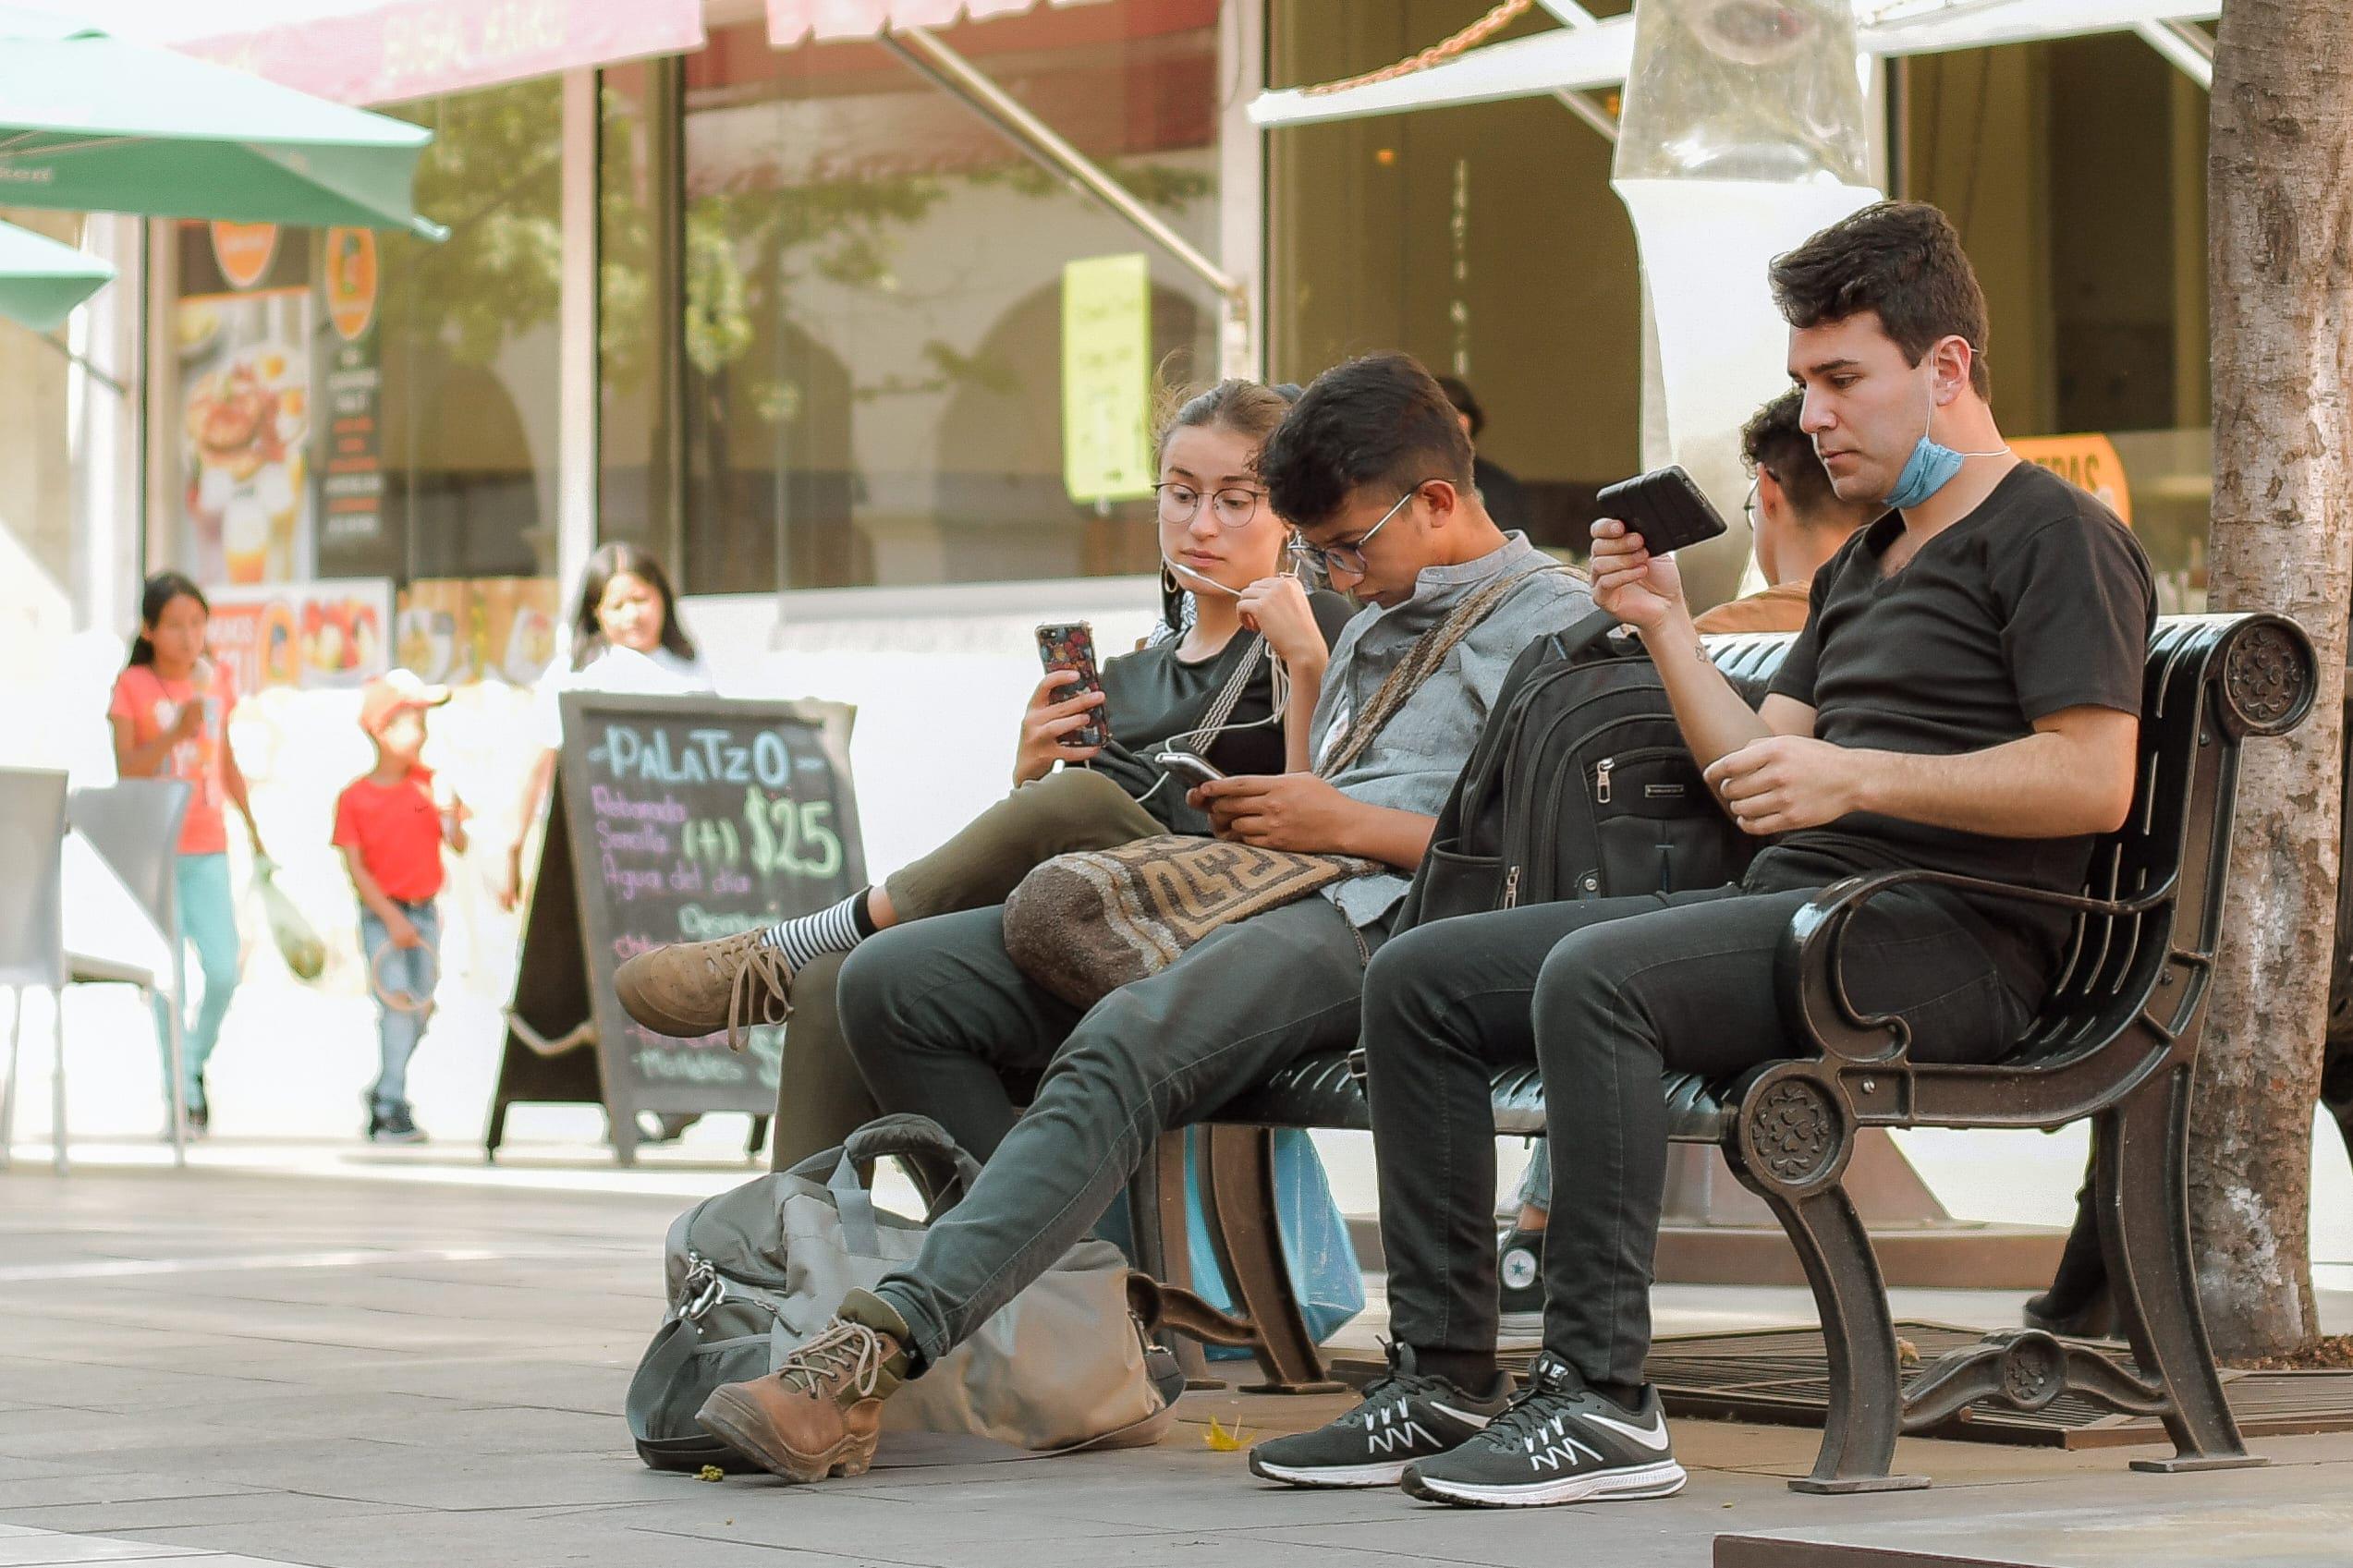 WhatsApp    En 2021 ciertos celulares ya no podrán utilizar la App